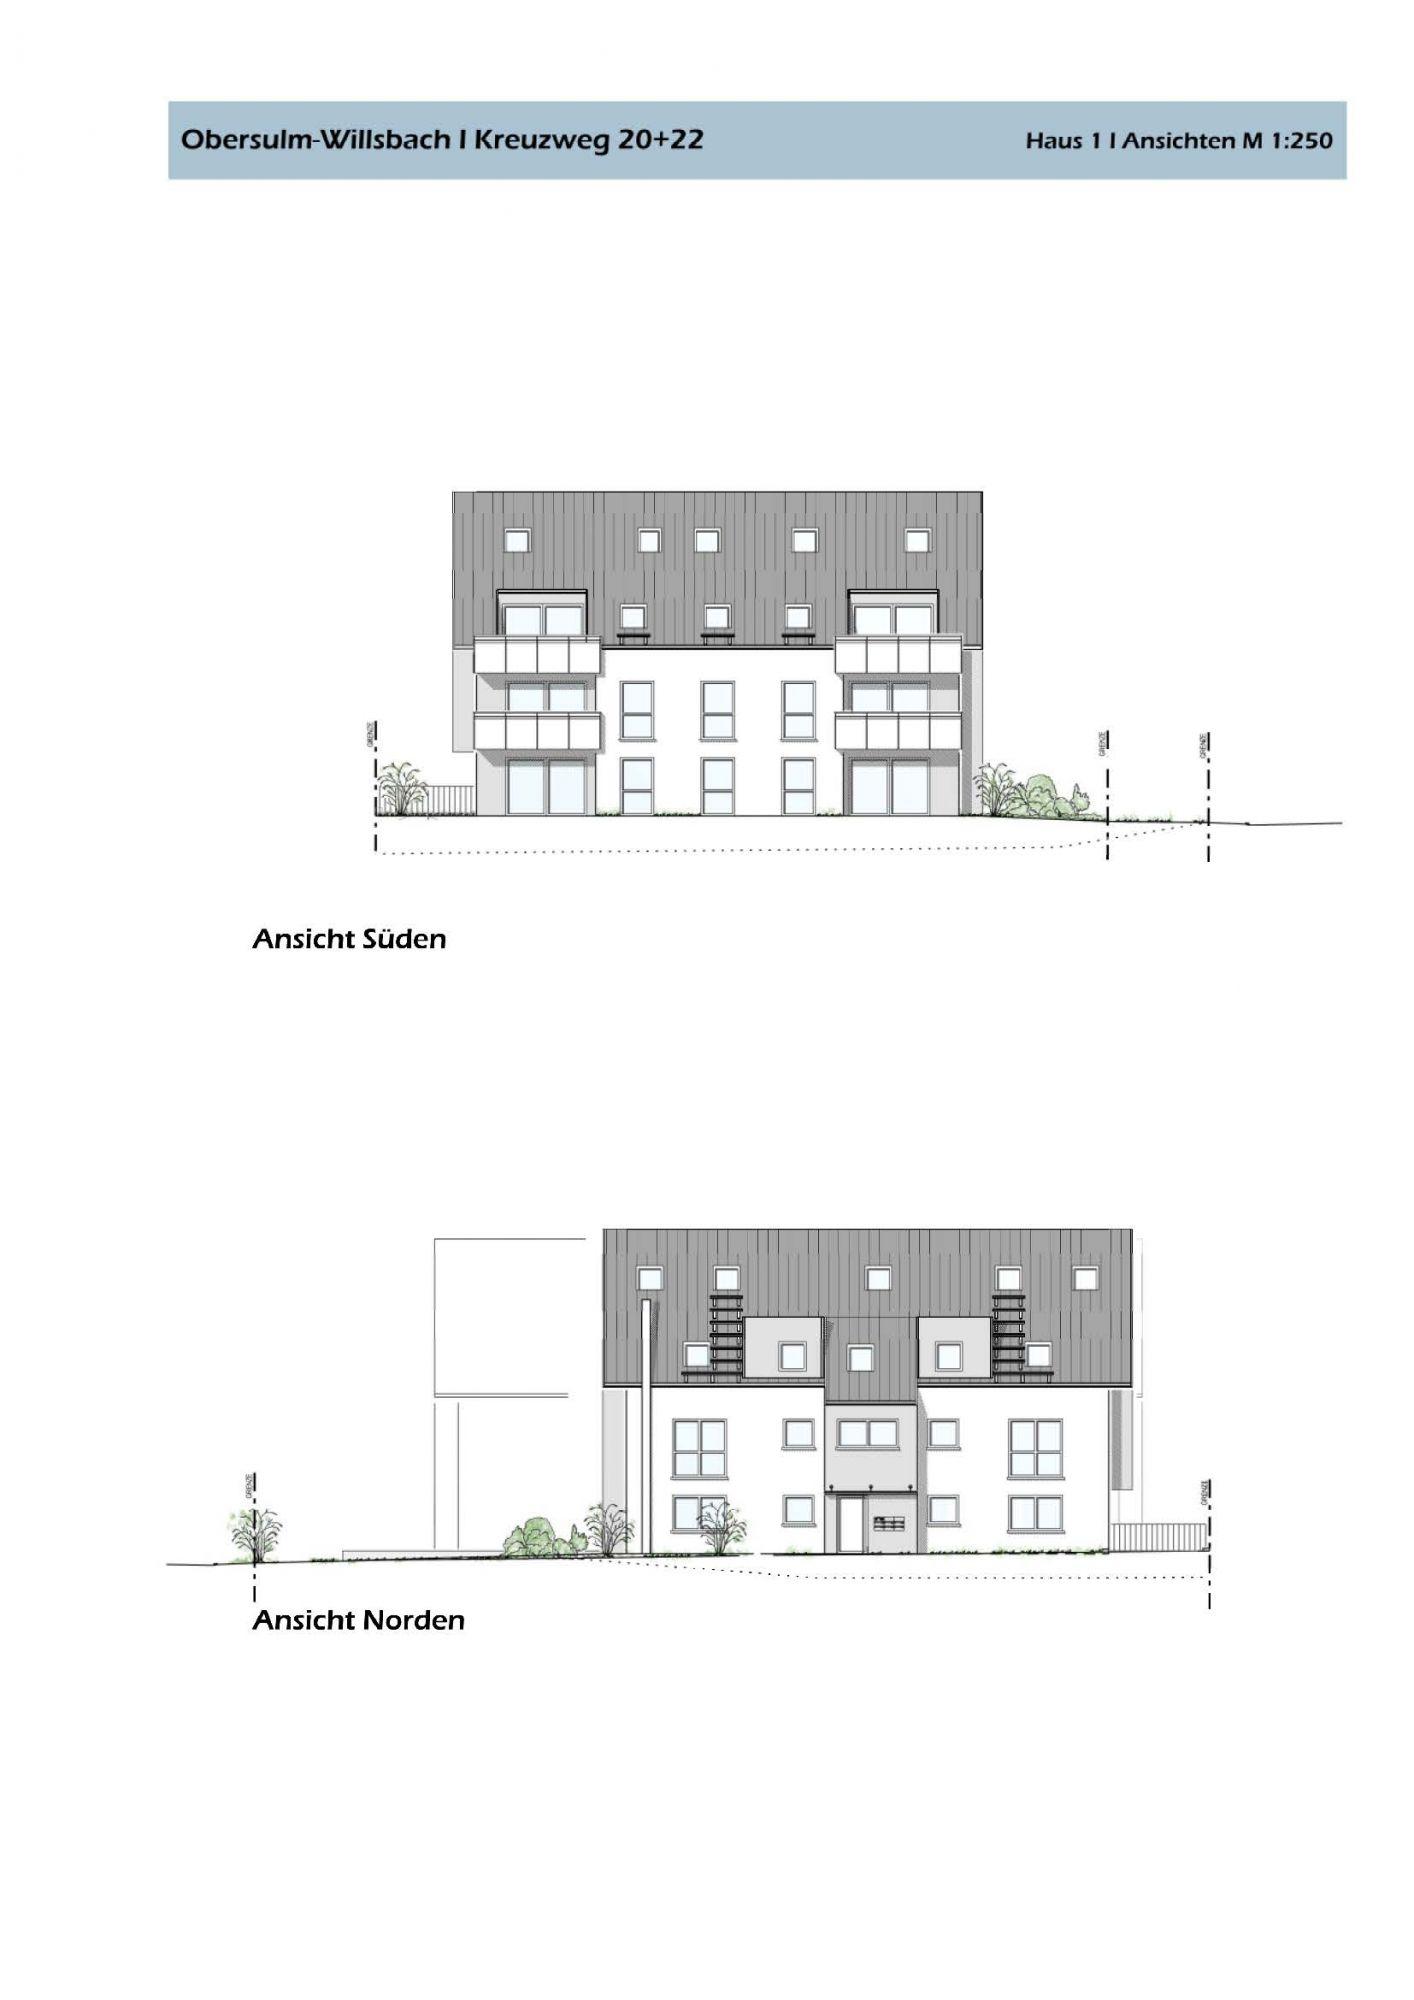 Zwei 2 Geschossige Wohnhäuser Mit Insgesamt 5  Dachgeschoss Maisonettewohnungen Und Einer Tiefgarage Mit 18 Stellplätzen  Sowie 9 Stellplätzen Im Freien.